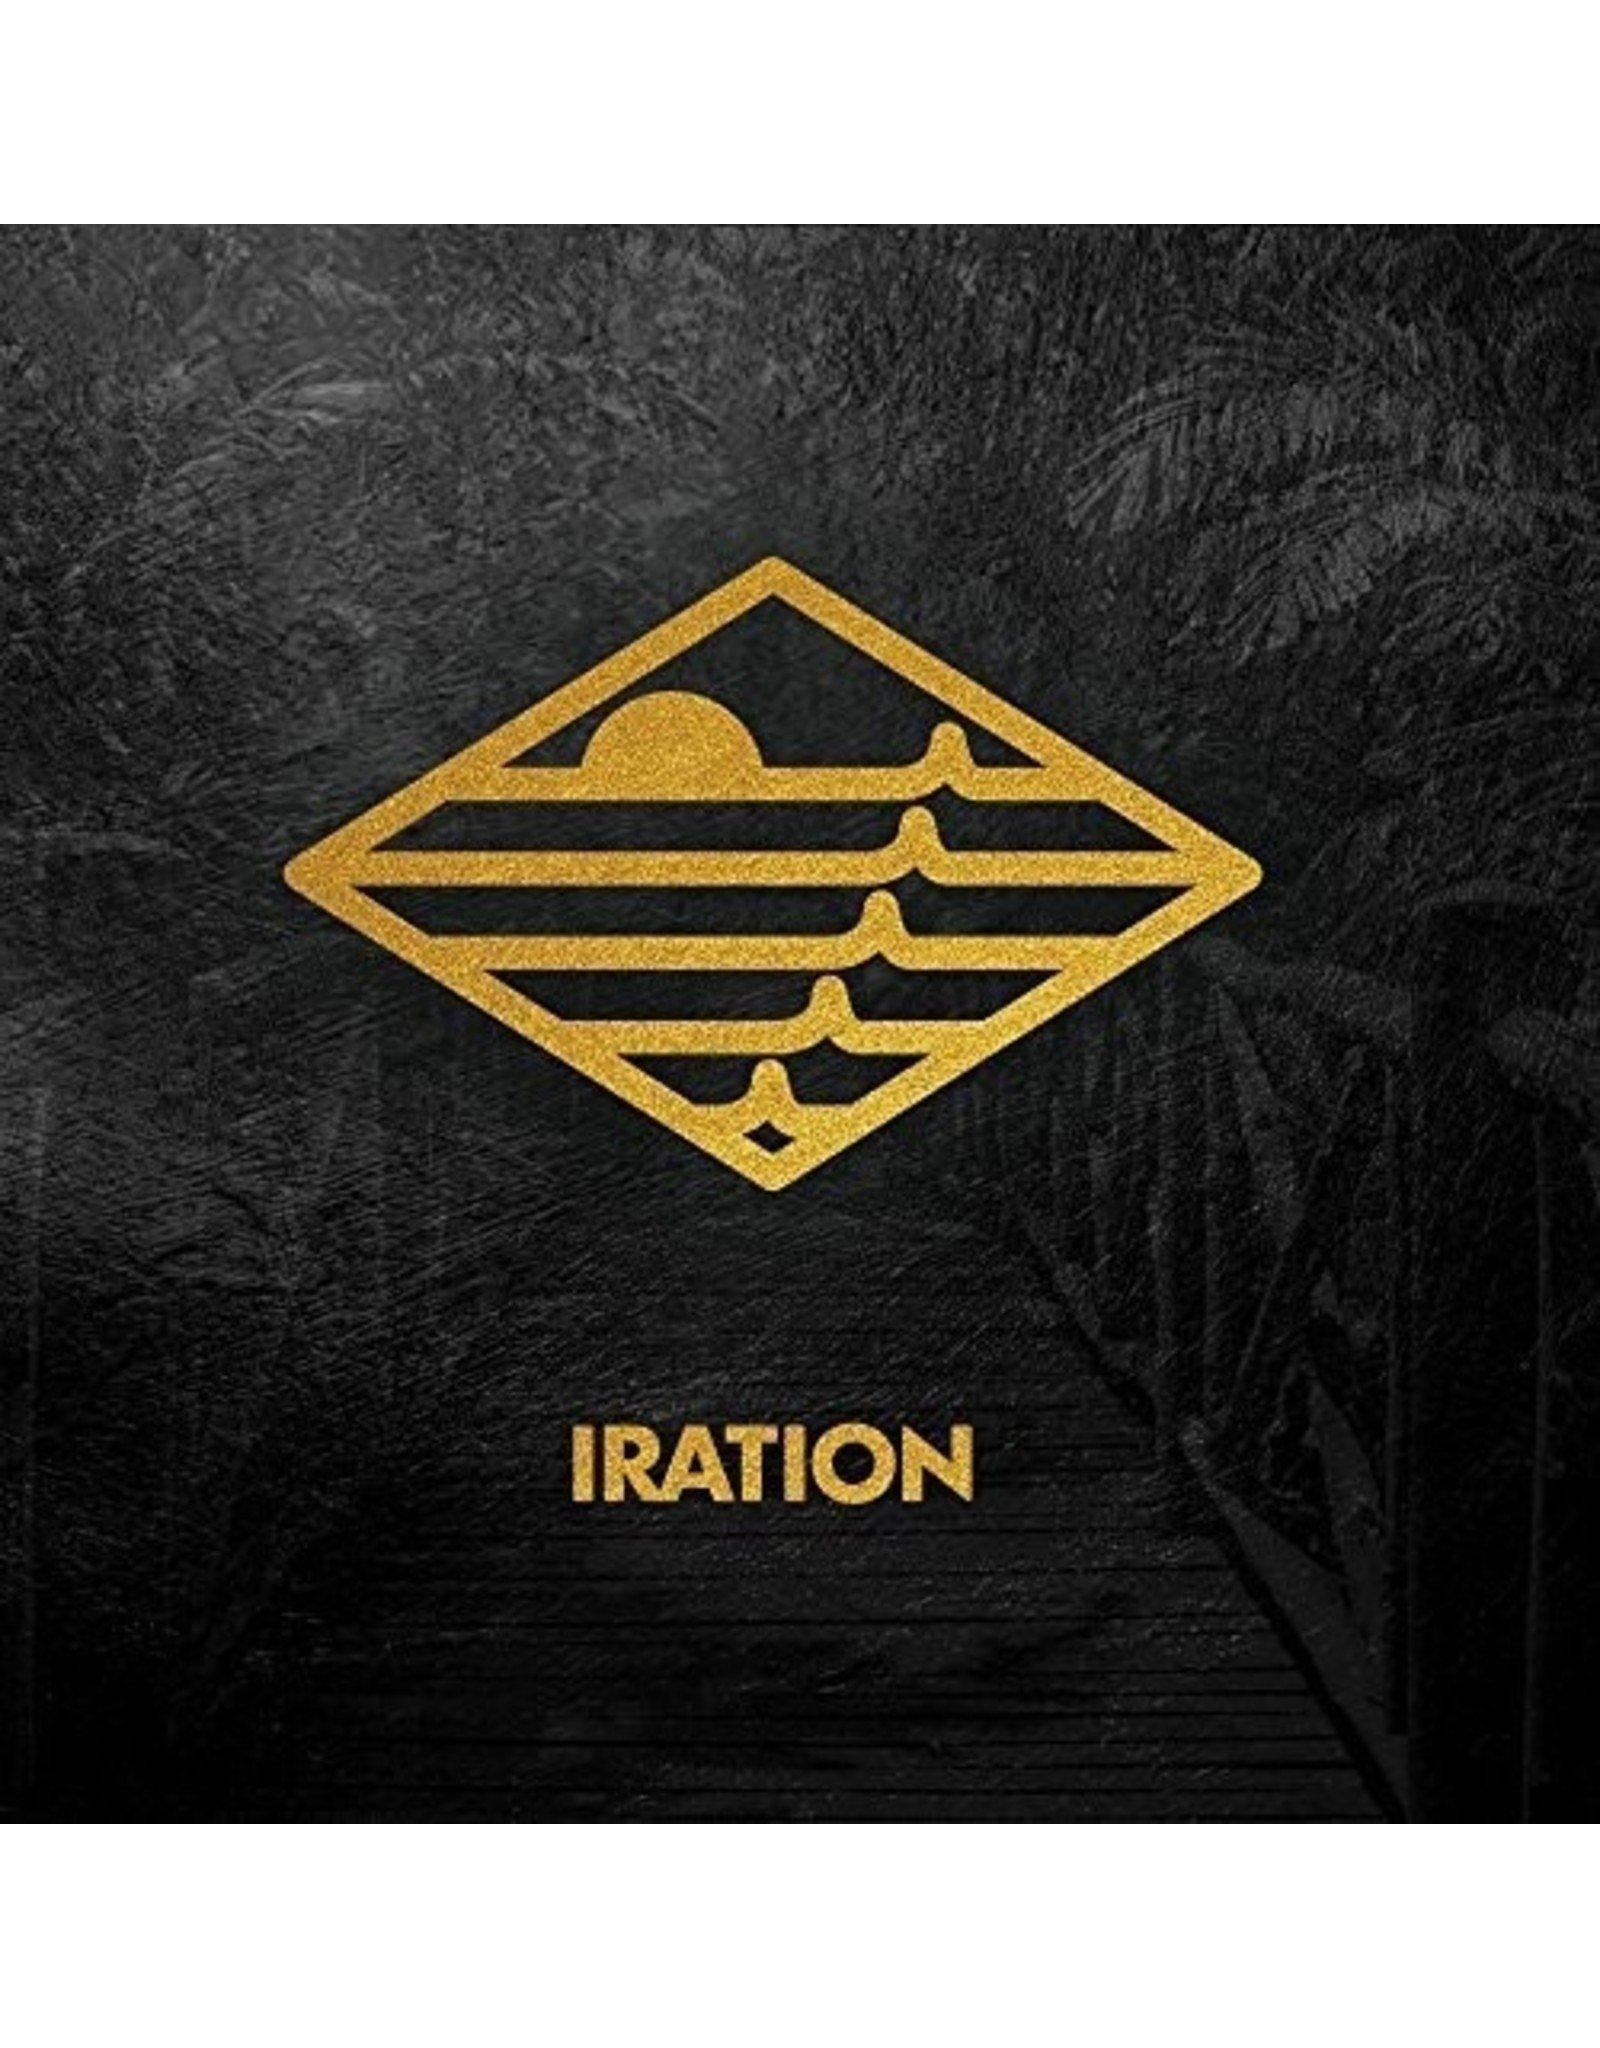 Iration - S/T 2LP